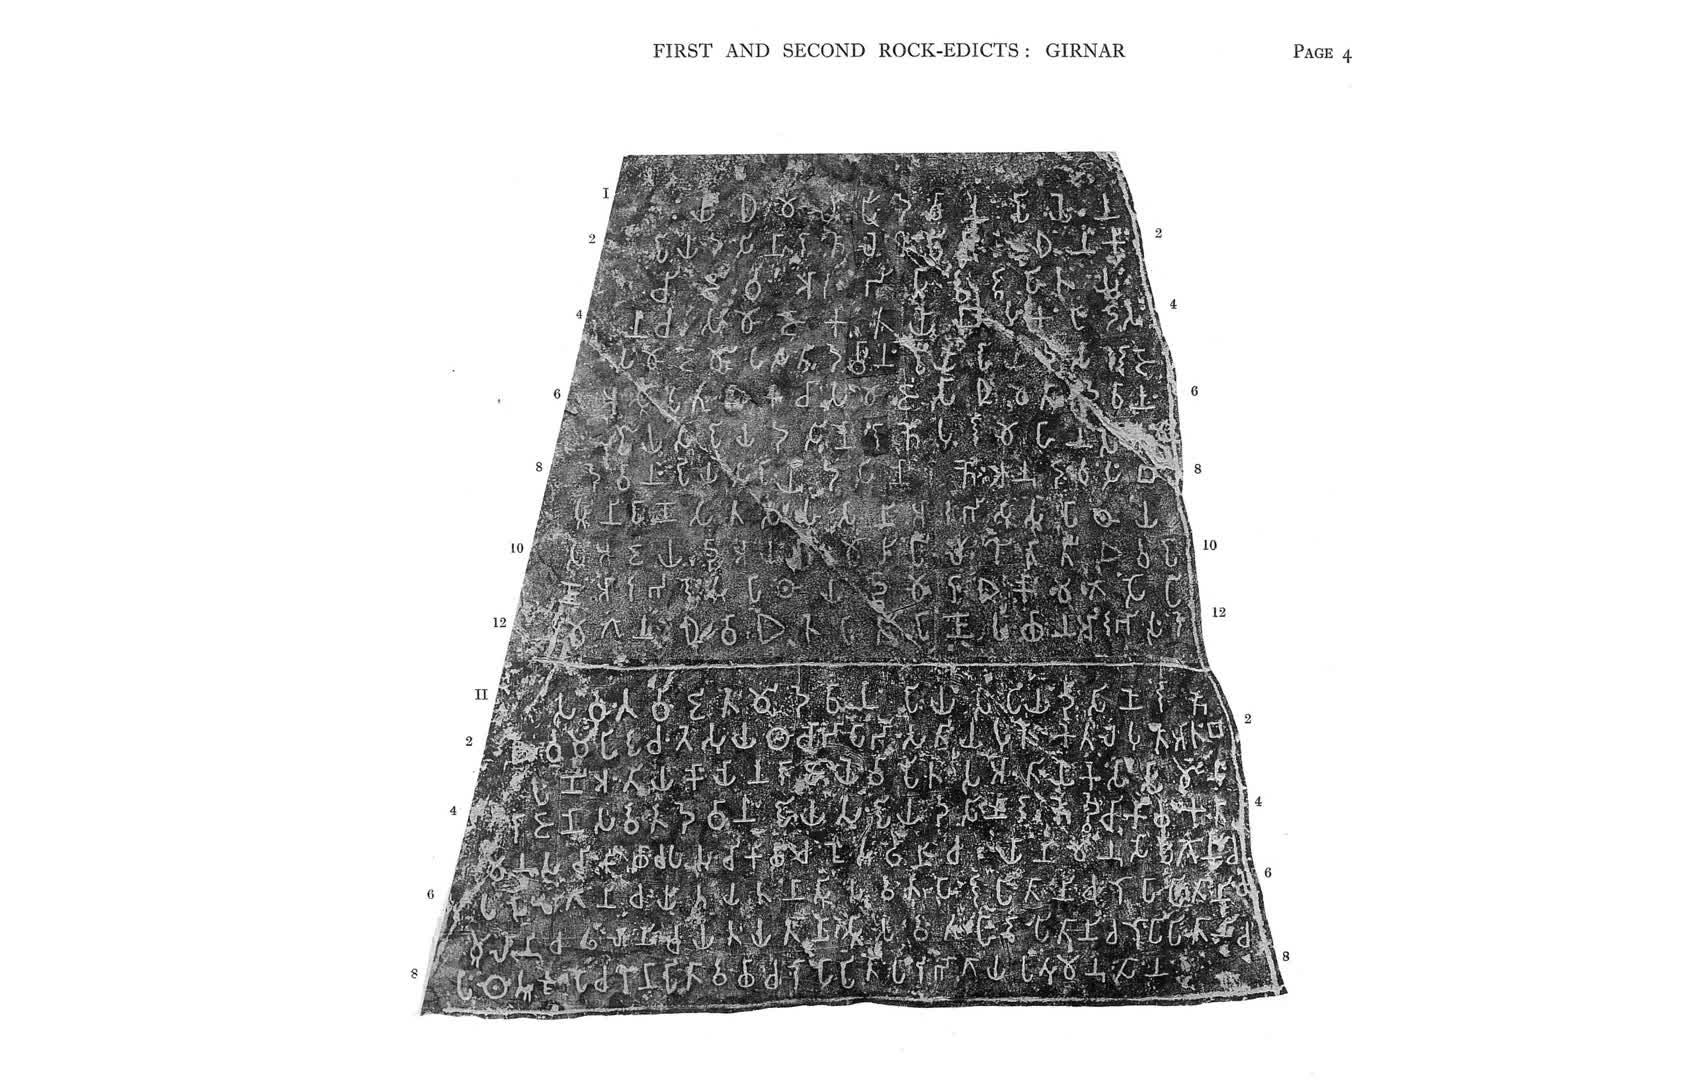 Ashoka's Rock Edicts 1 and 2